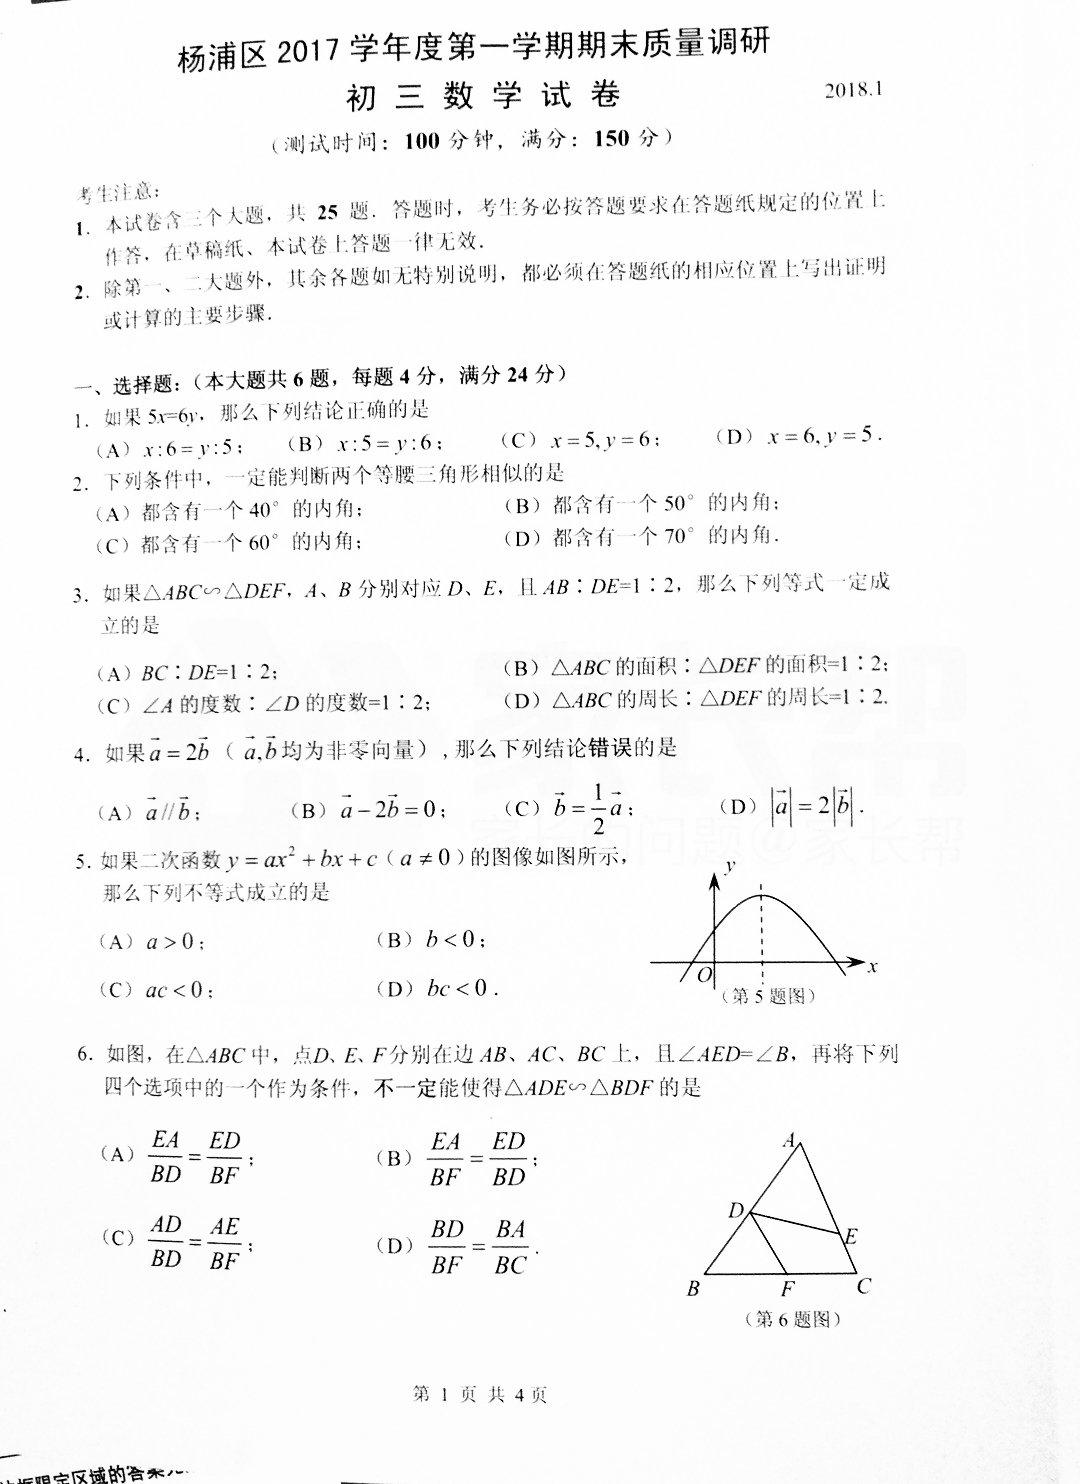 2018杨浦中考数学一模试题及答案(图片版)